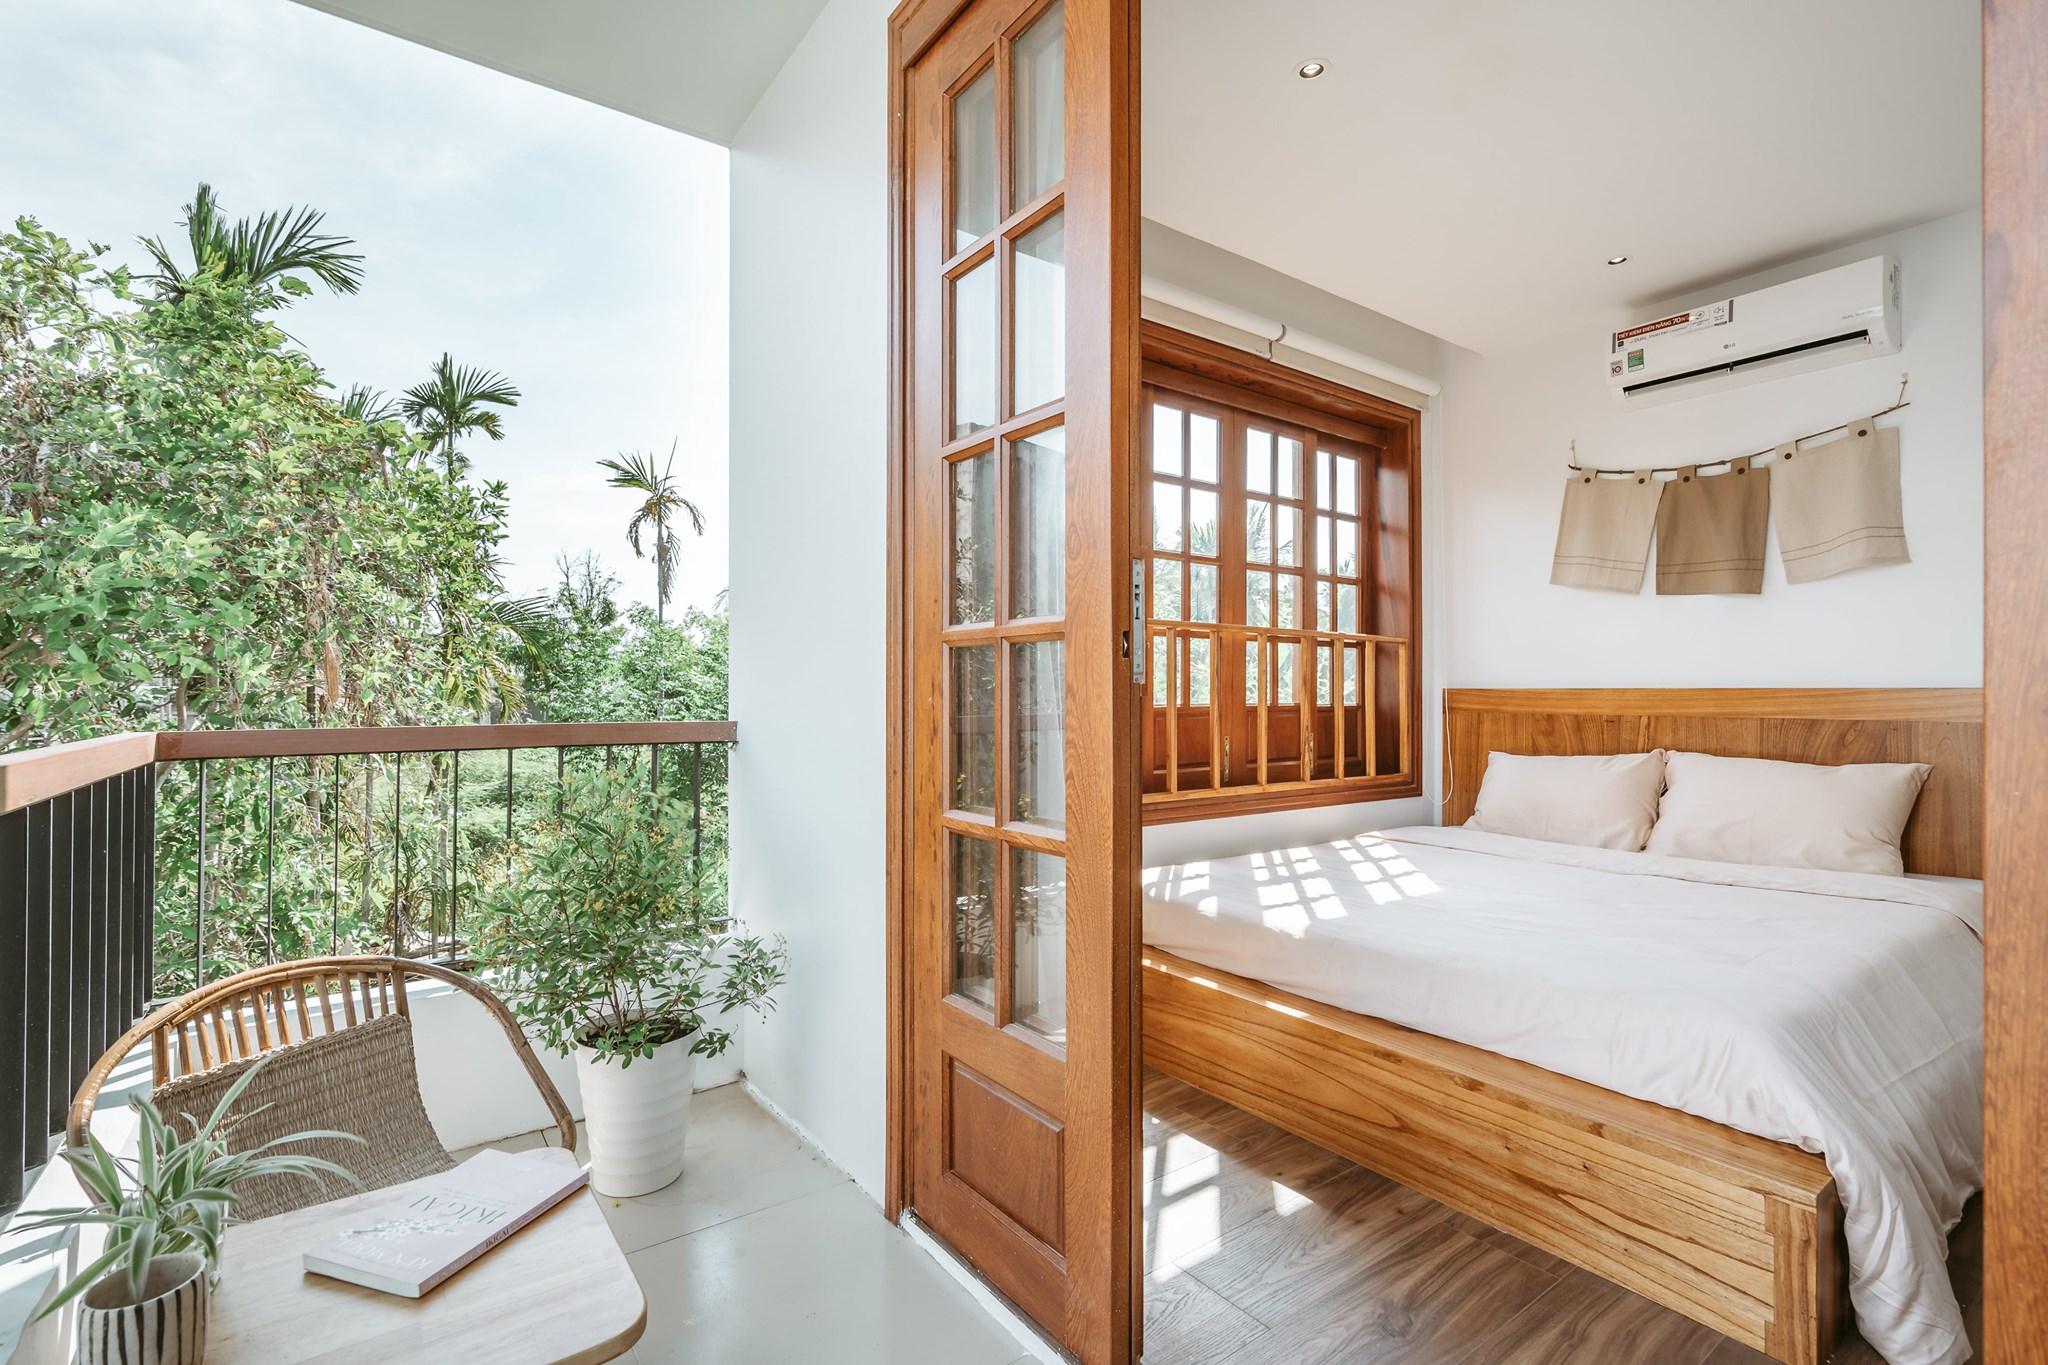 Cô gái quyết định rời Sài Gòn về Hội An cải tạo nhà ở 20 năm đã xuống cấp thành homestay 5 phòng đẹp lung linh, cho khách thuê chỉ 420-520 ngàn đồng/ phòng - Ảnh 2.